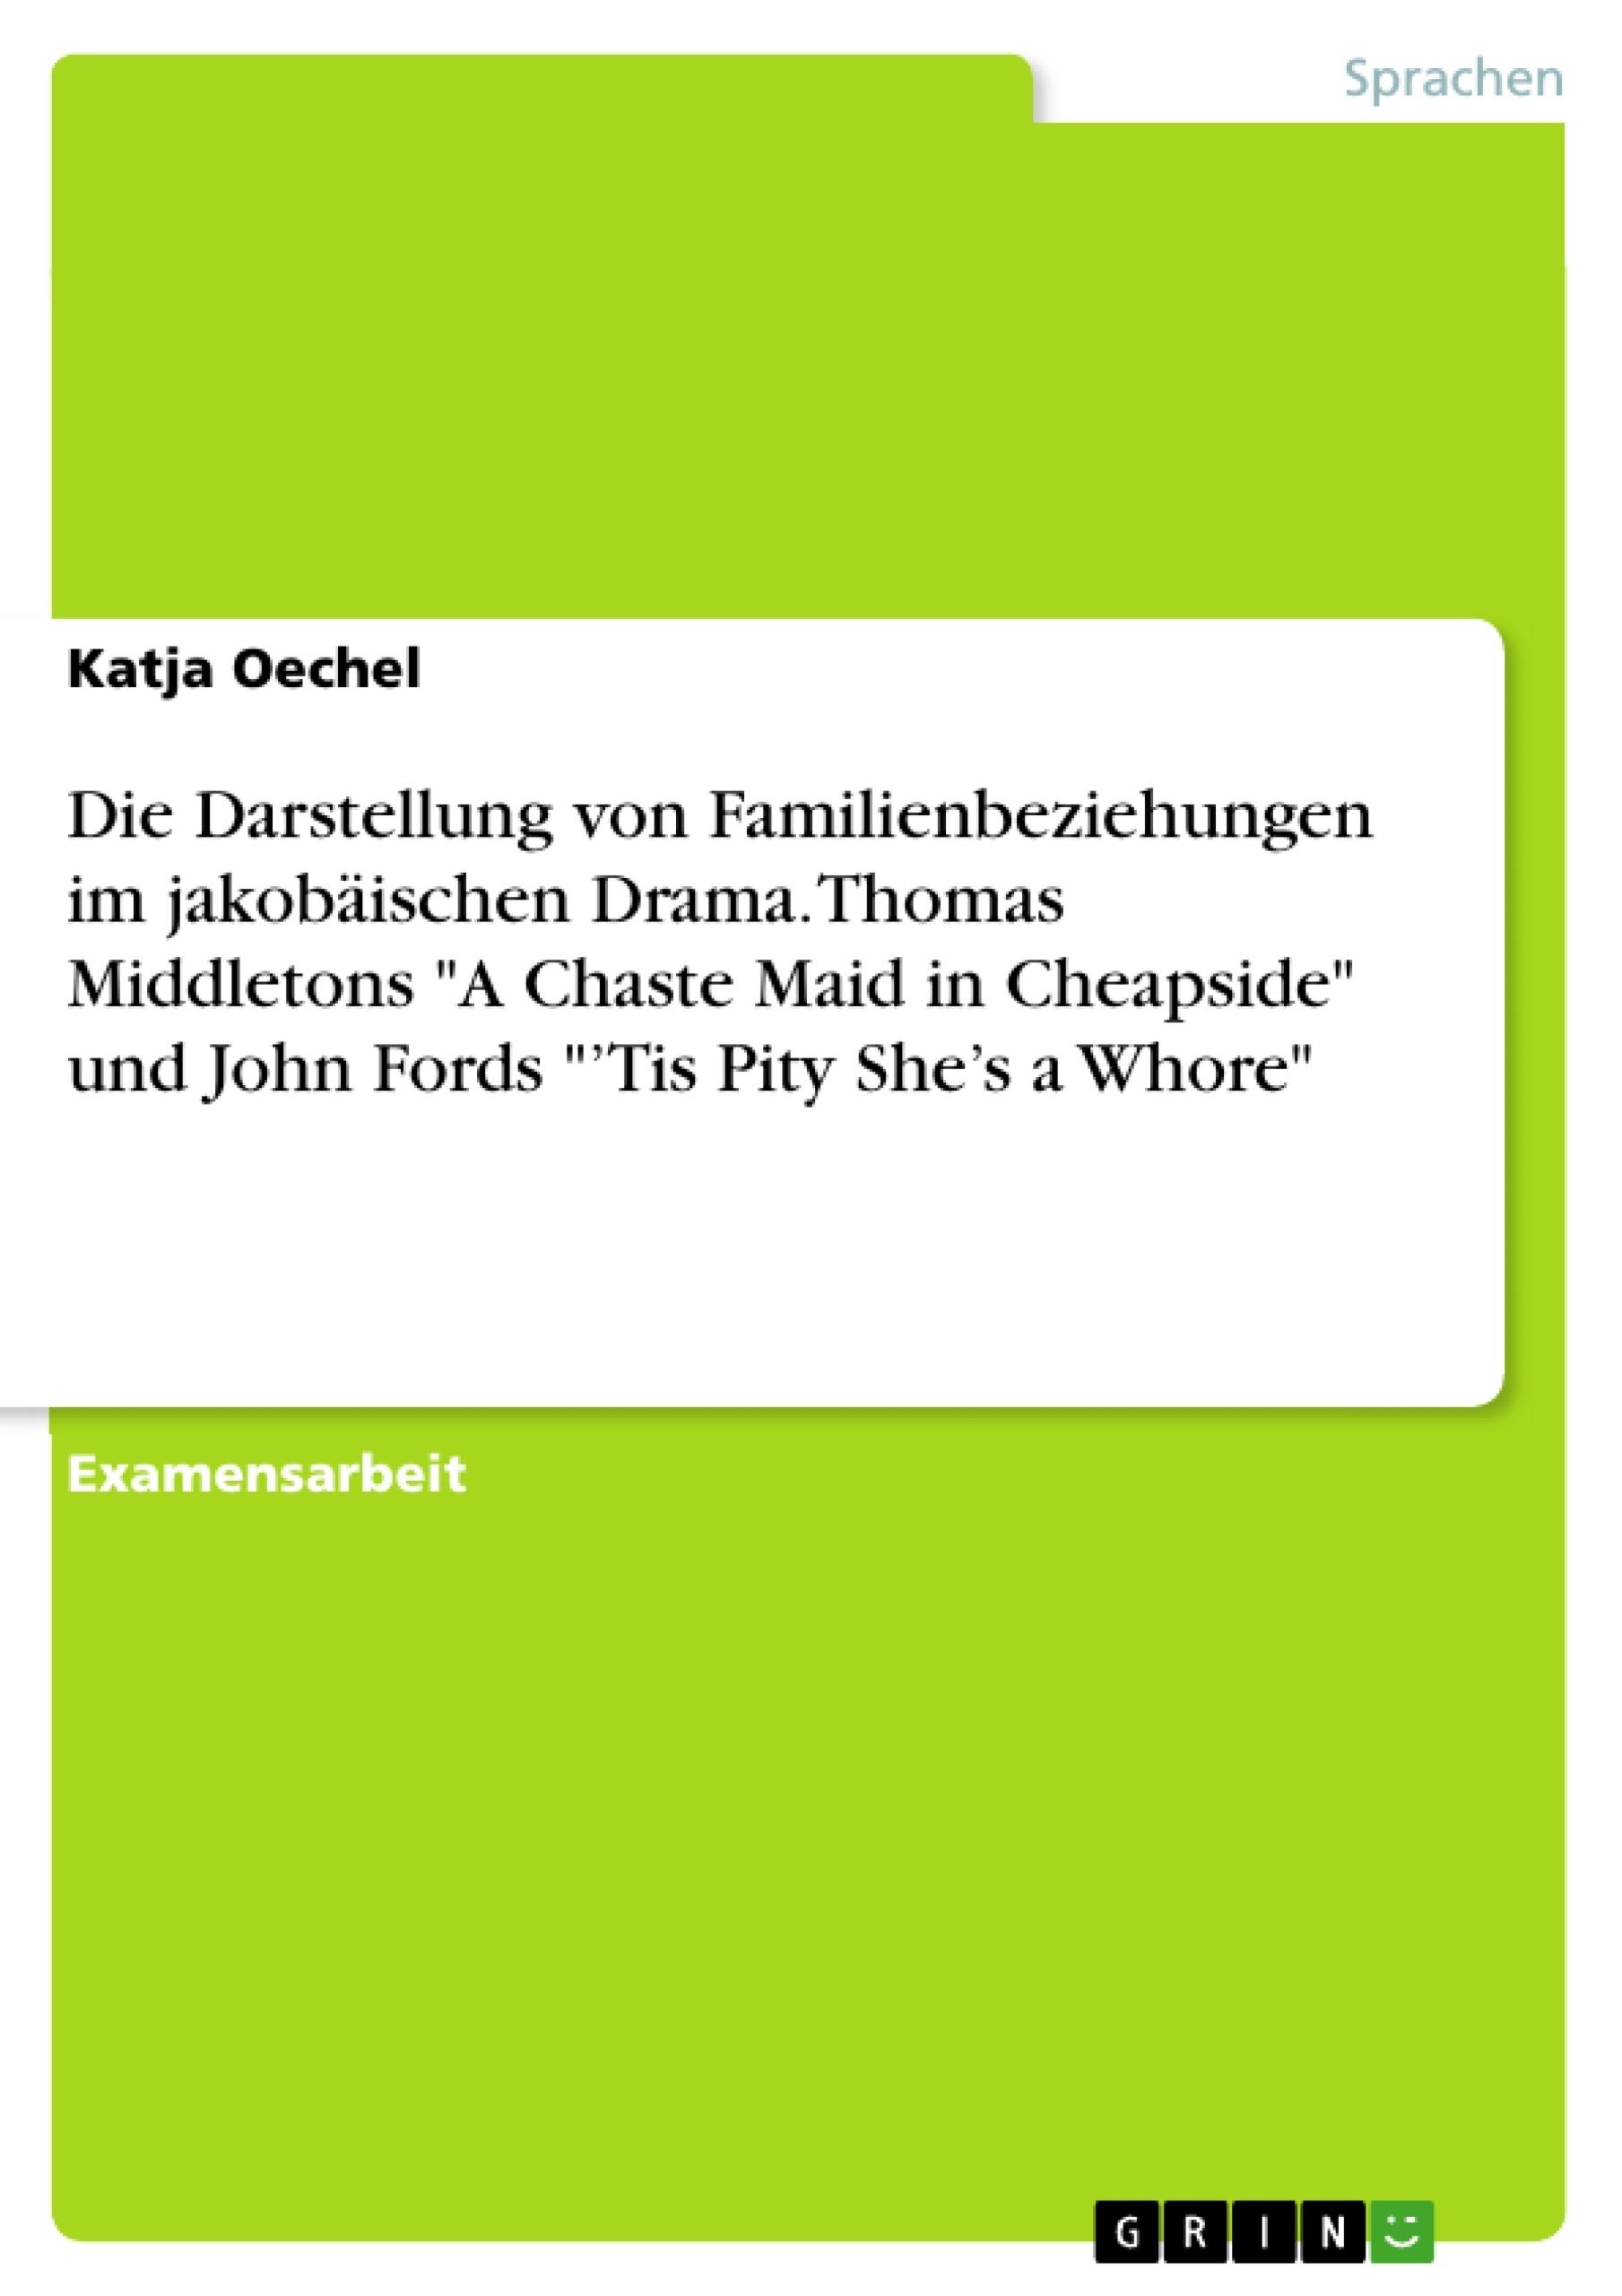 """Titel: Die Darstellung von Familienbeziehungen im jakobäischen Drama. Thomas Middletons """"A Chaste Maid in Cheapside"""" und John Fords """"'Tis Pity She's a Whore"""""""